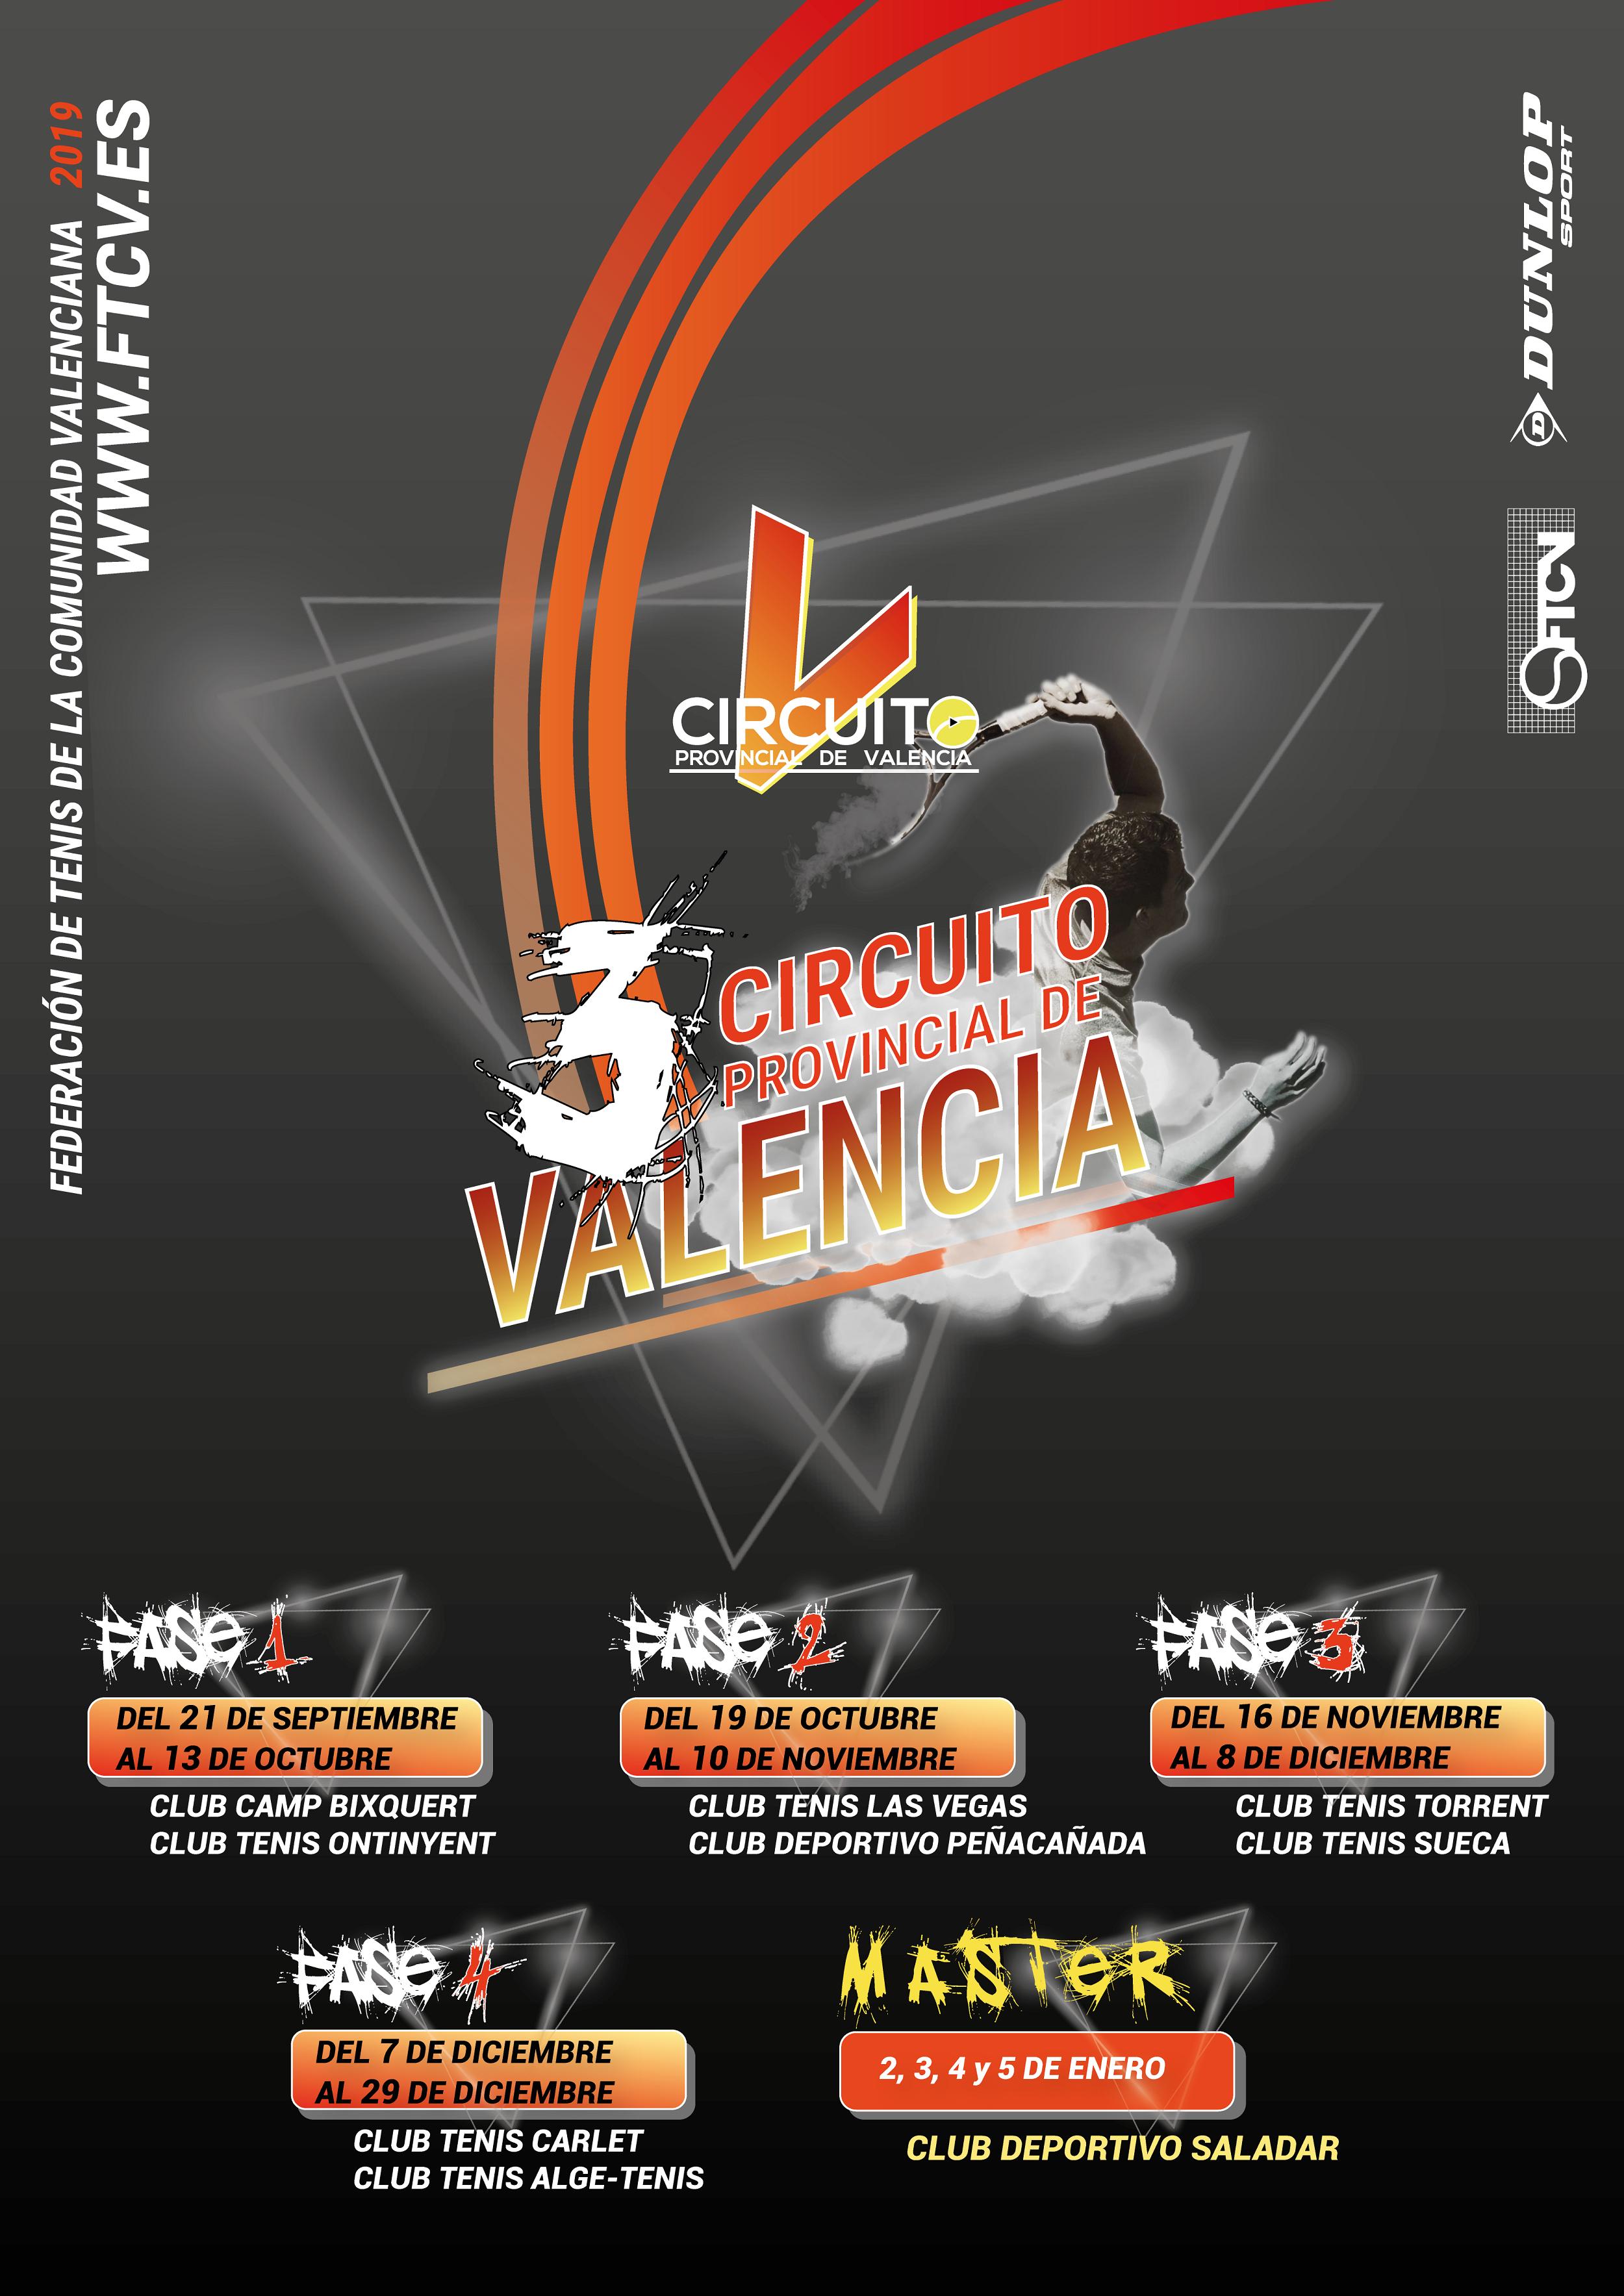 Circuito Provincial de Valencia 2019 - Federación de Tenis ...